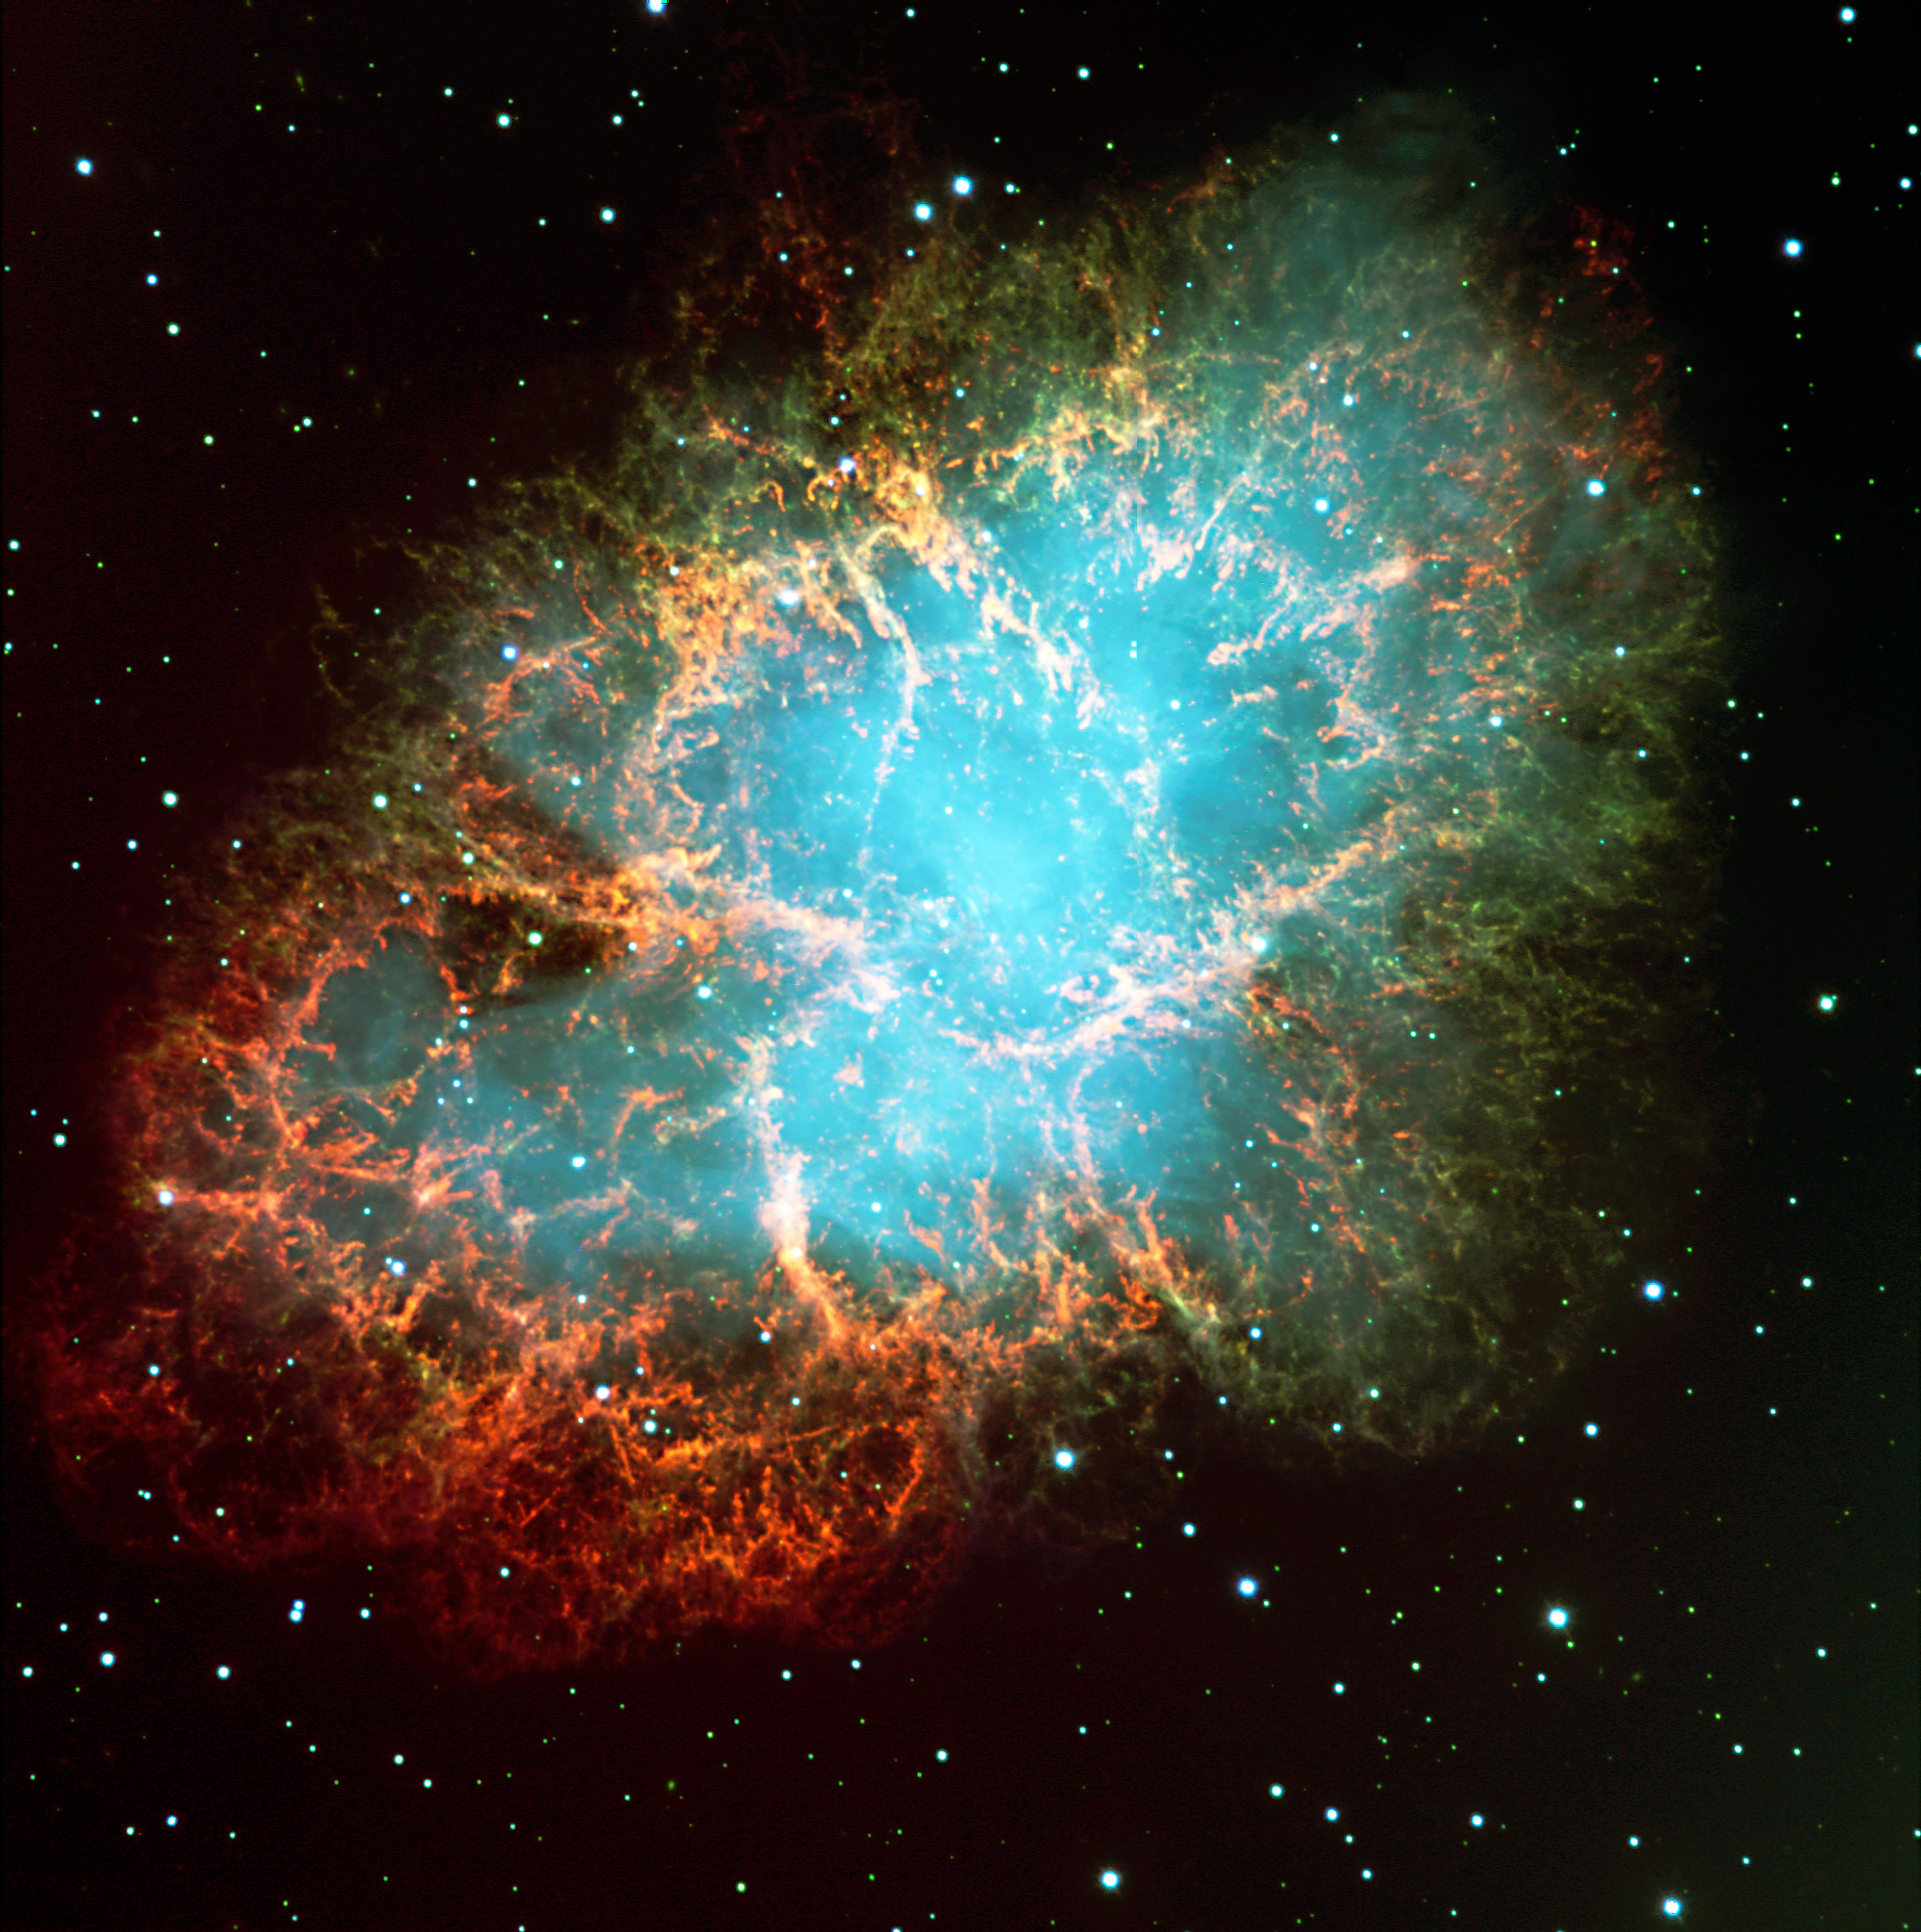 taurus the bull constellation crab nebula - photo #29